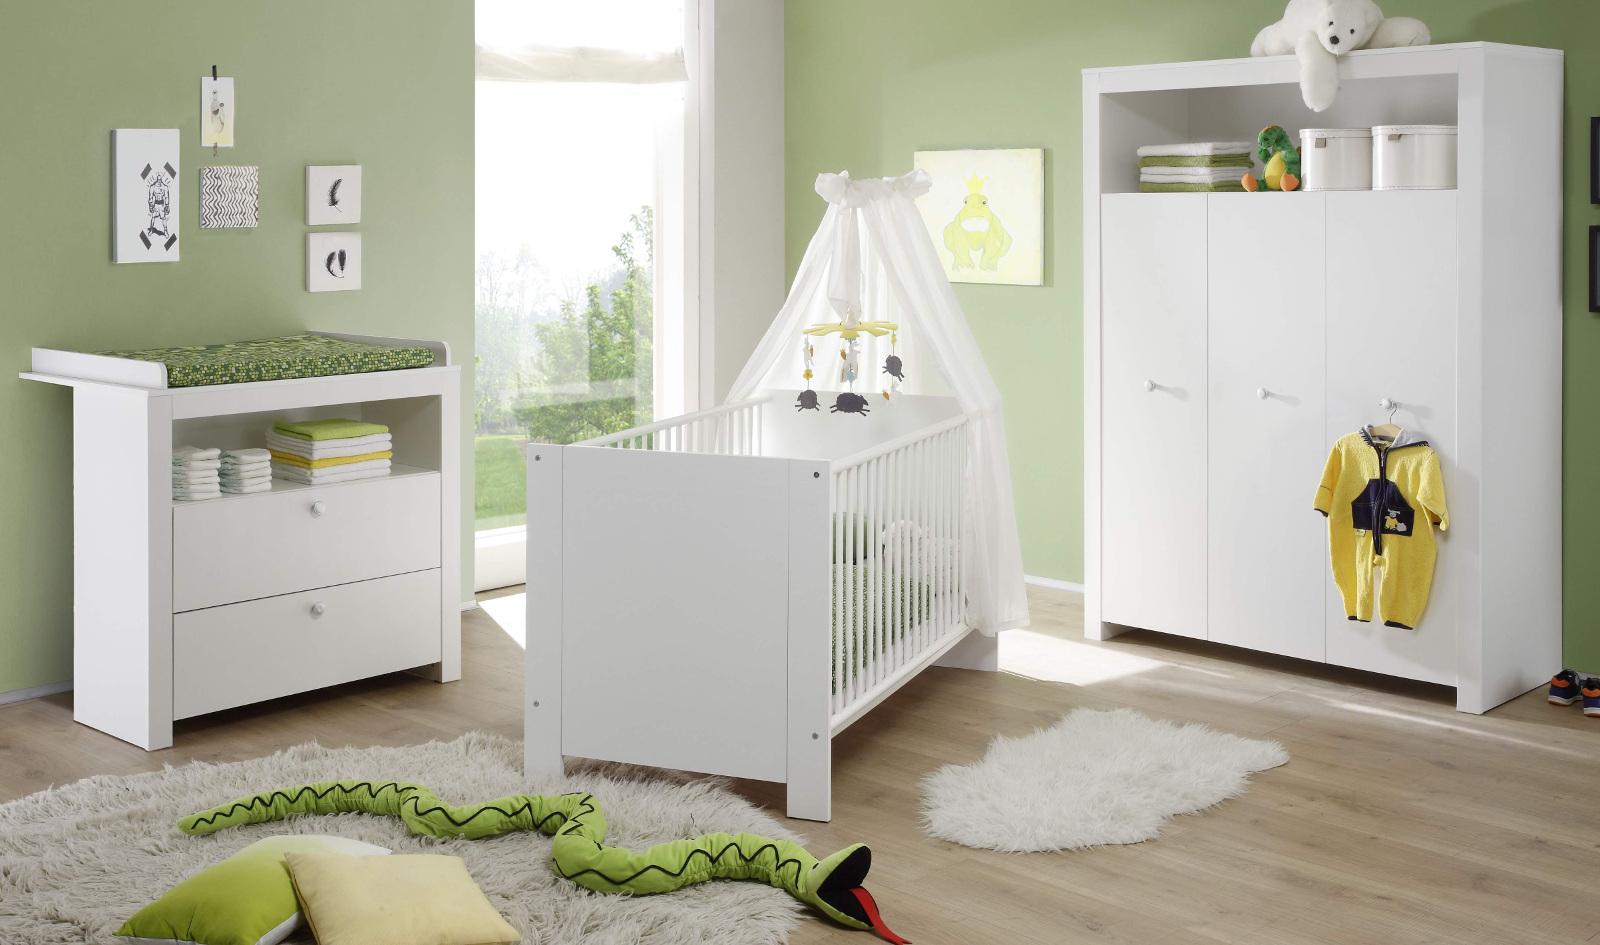 kinder- & babyzimmermöbel bequem online bestellen